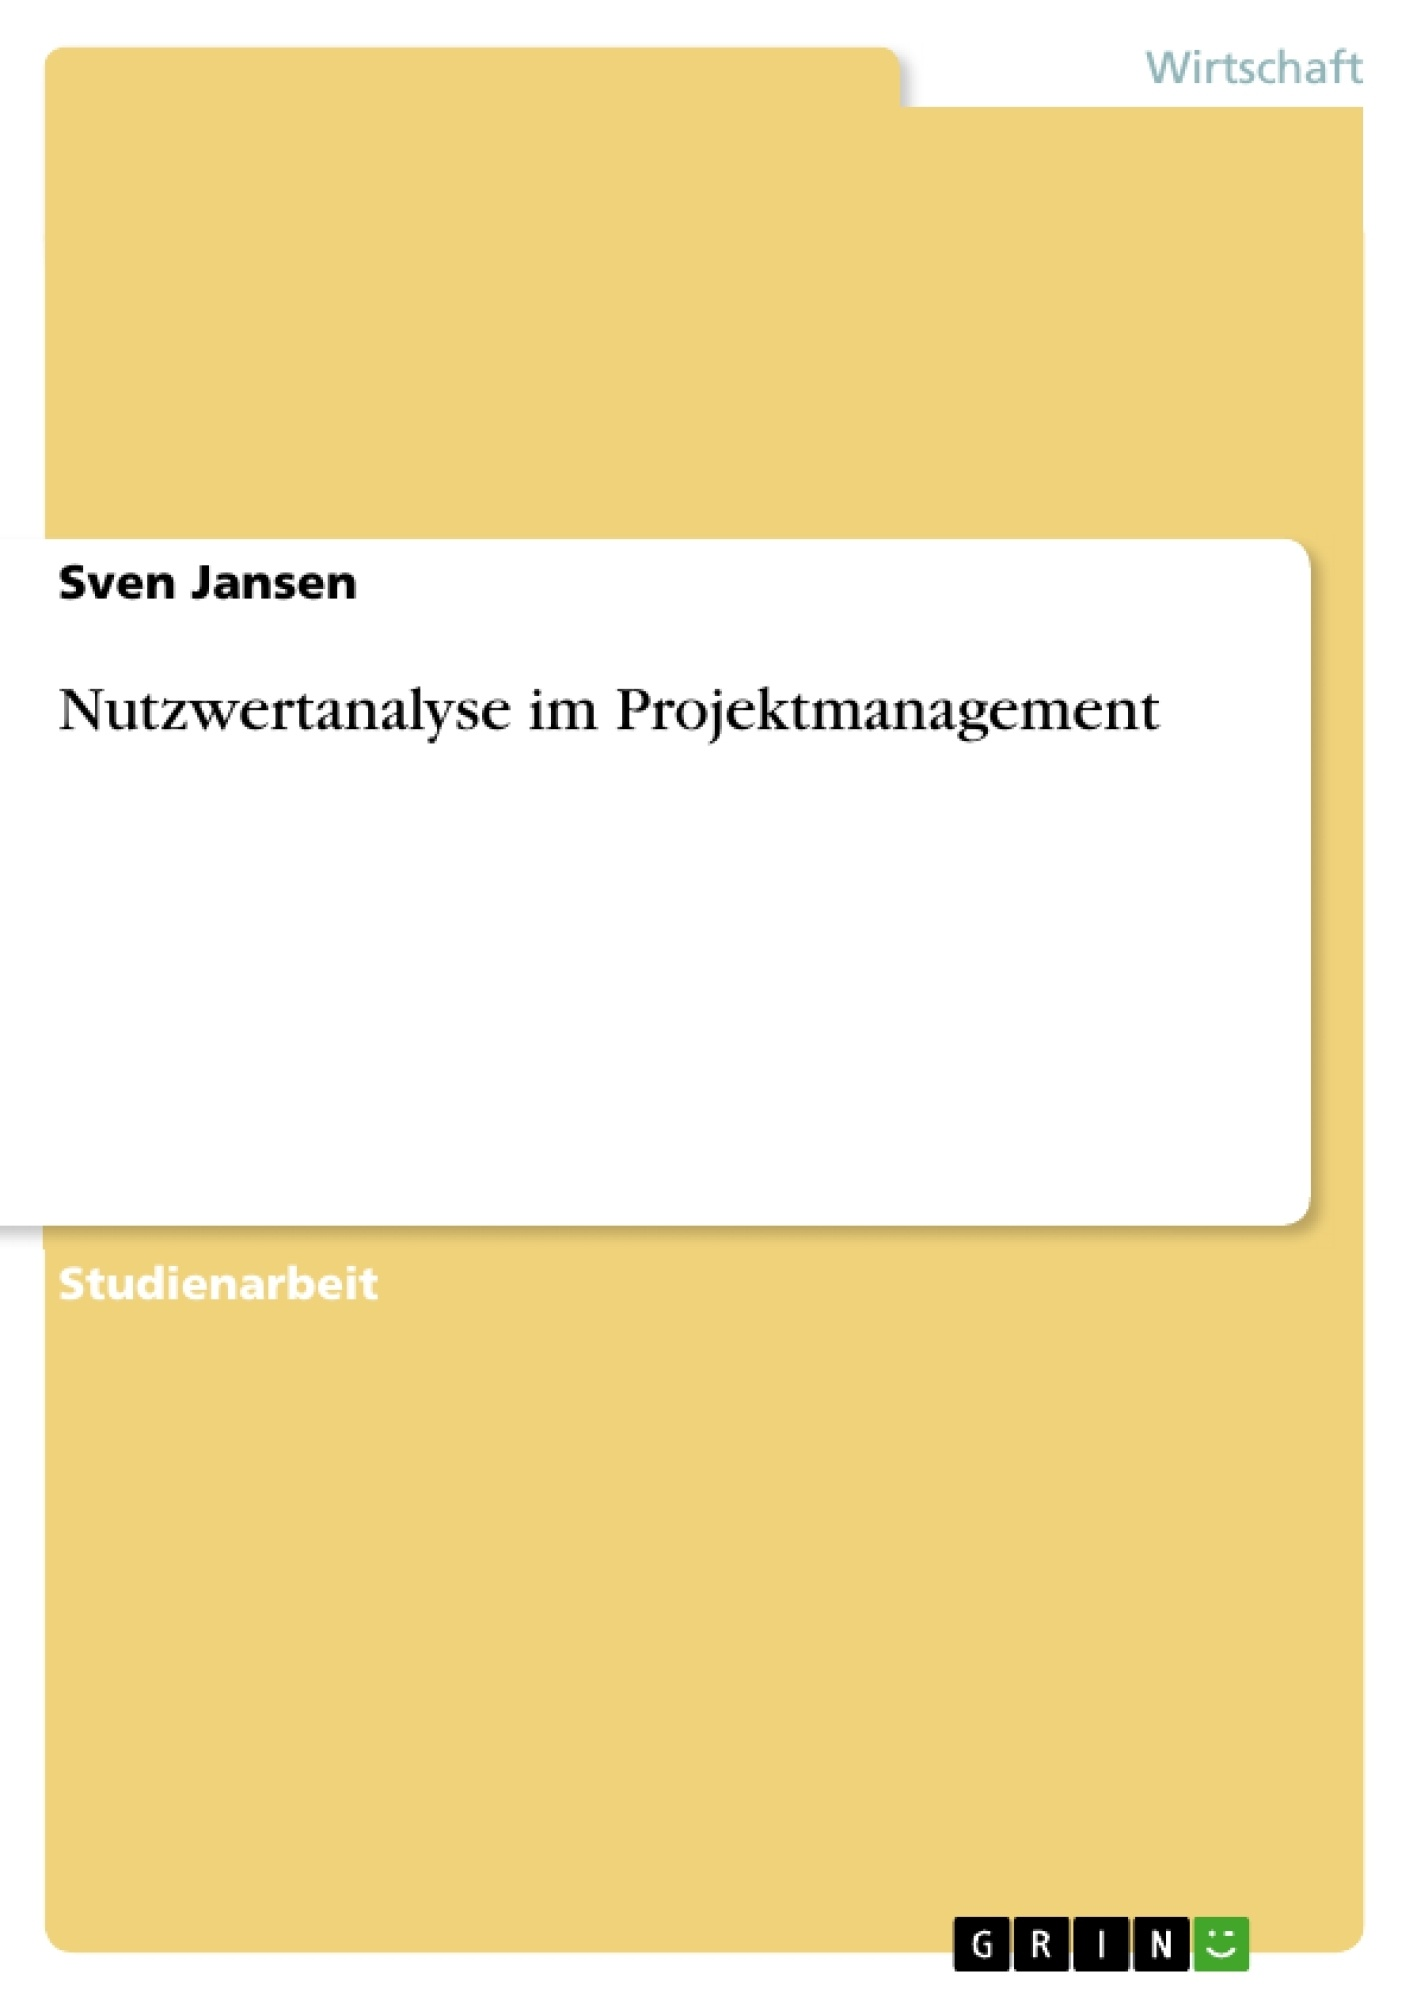 Titel: Nutzwertanalyse im Projektmanagement